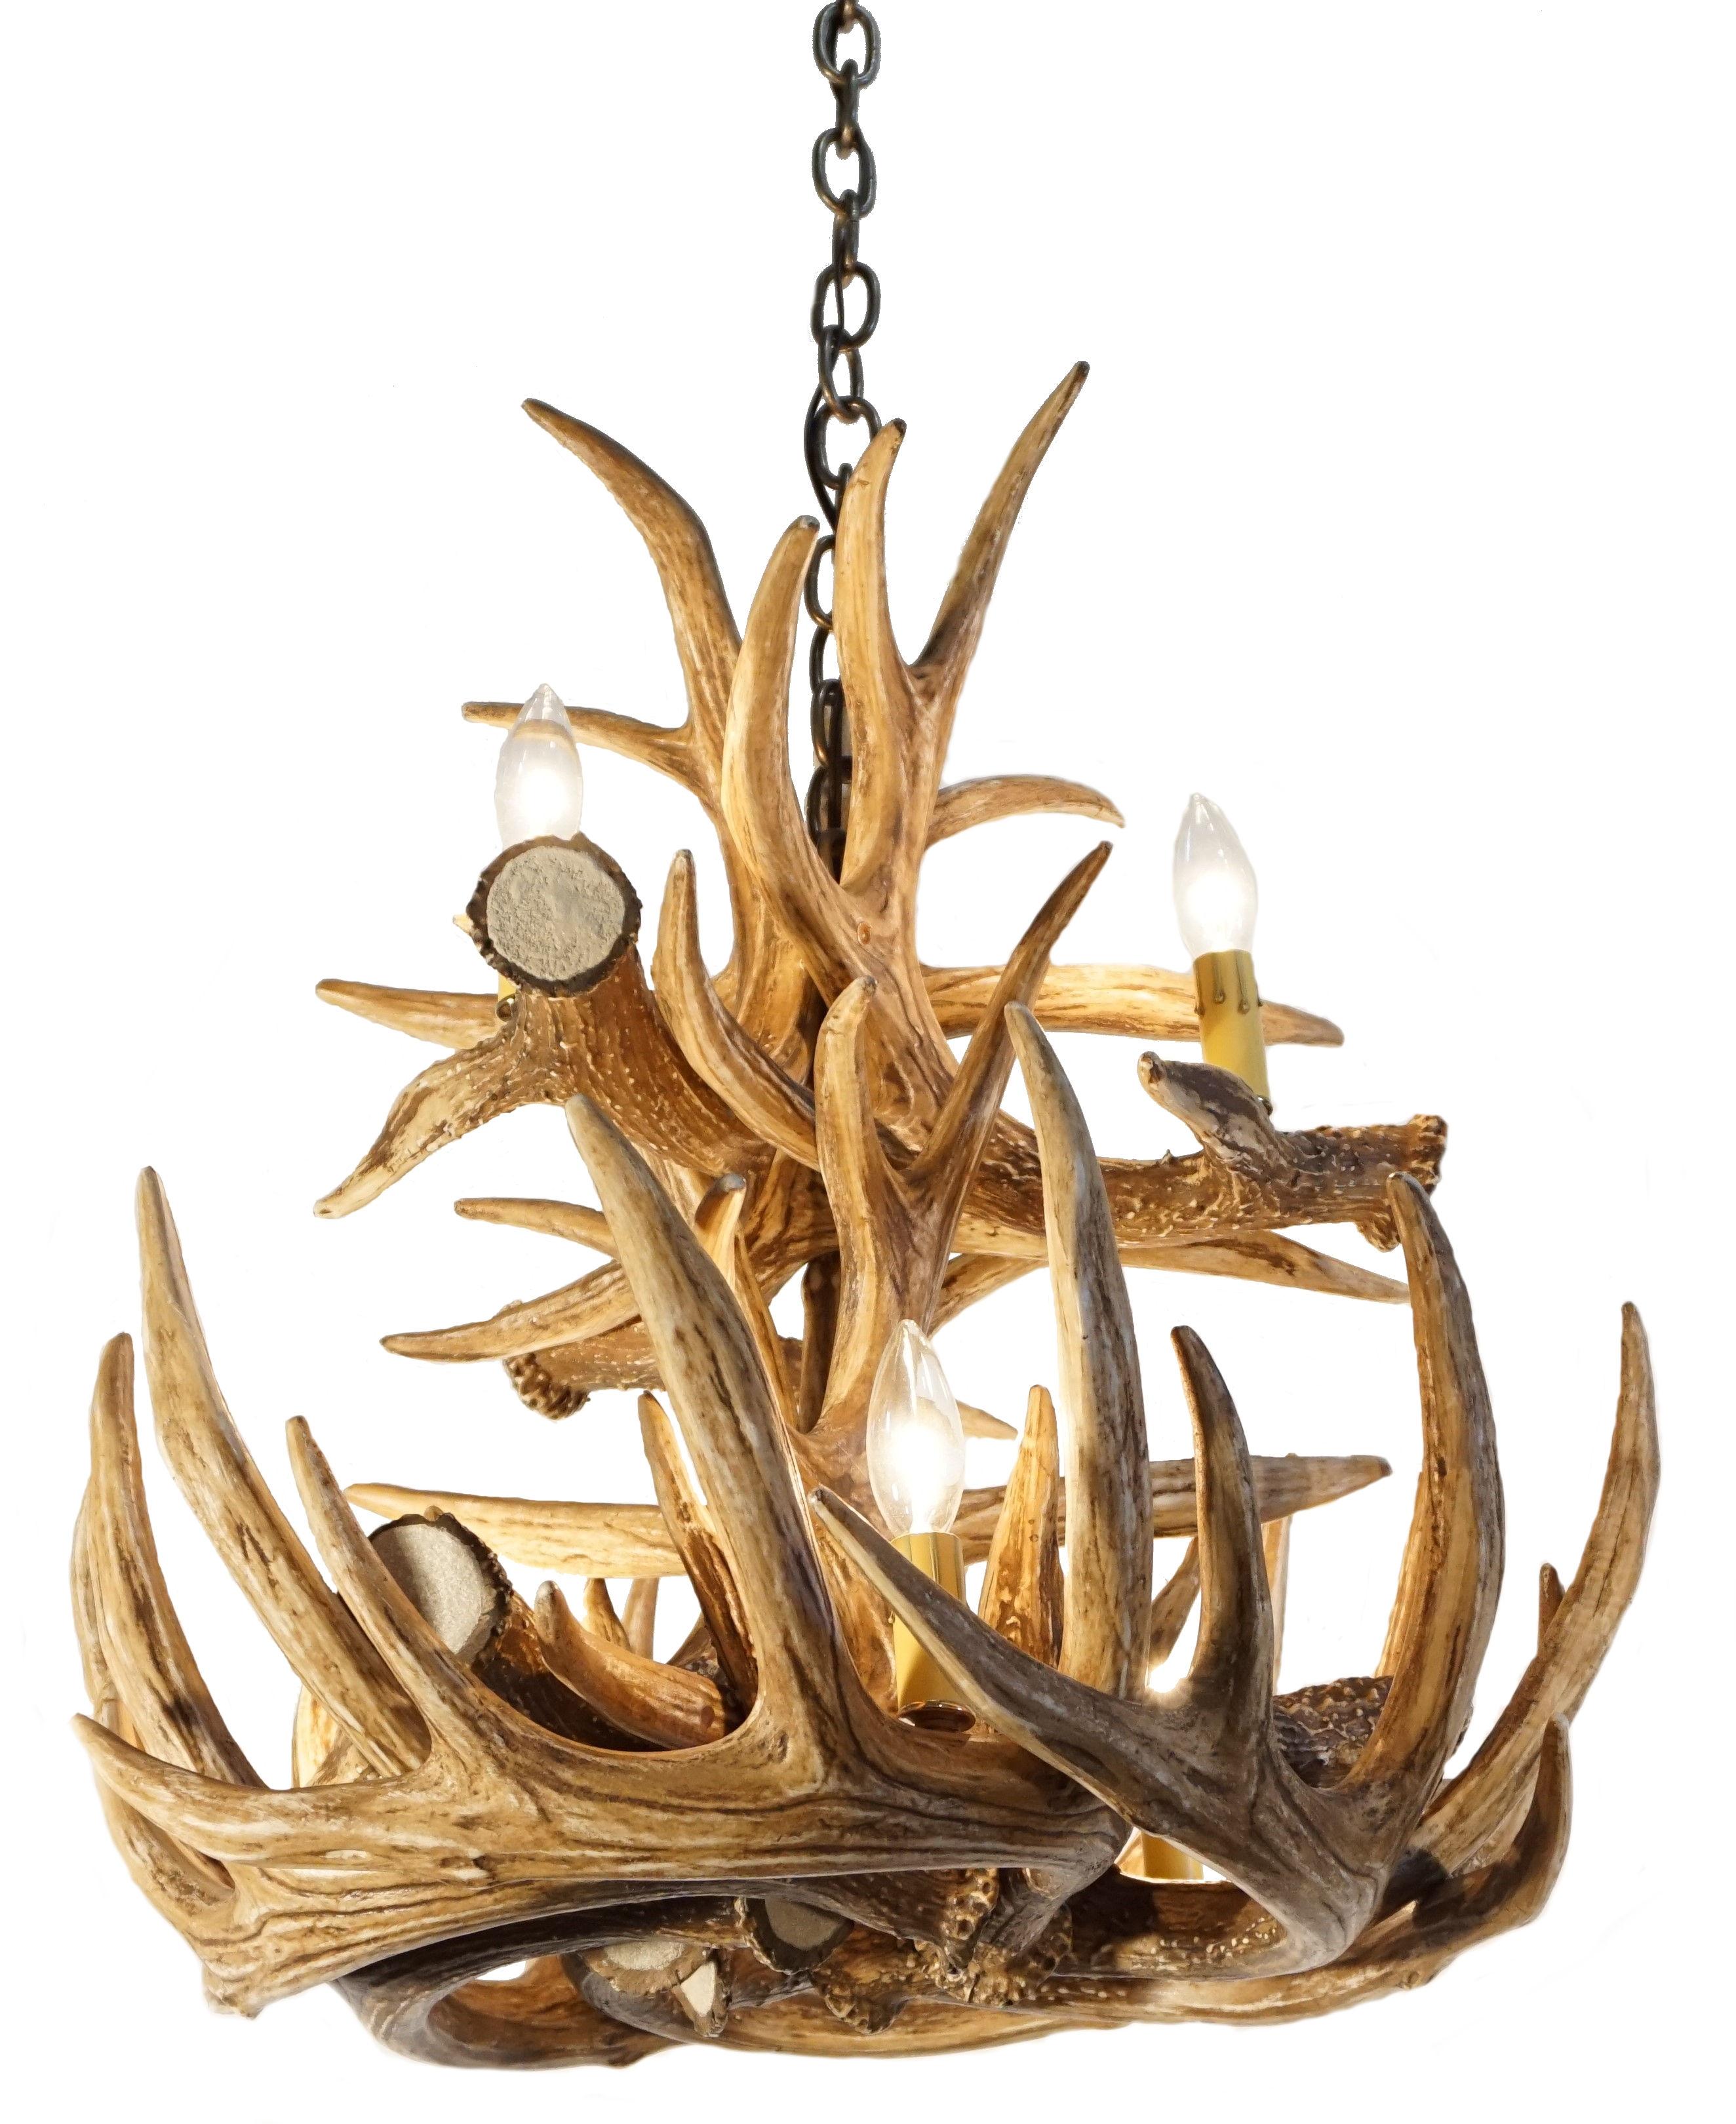 Whitetail Deer 12 Large Antler Chandelier Cast Horn Designs In Antler Chandelier (#10 of 12)